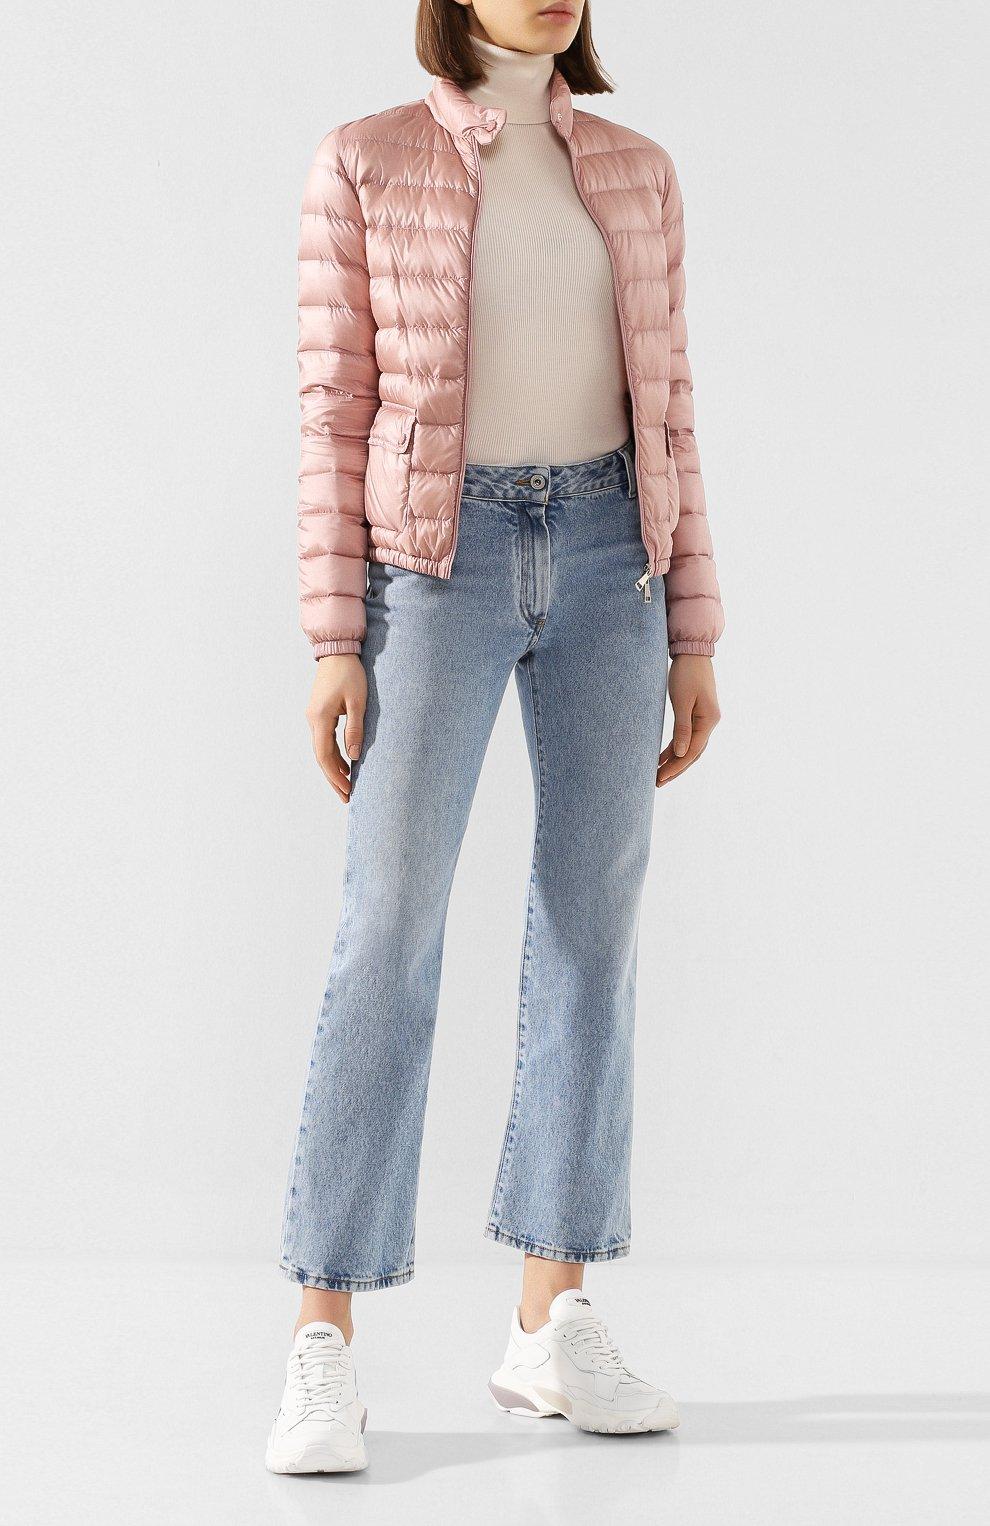 Женский пуховая куртка lans MONCLER розового цвета, арт. F1-093-1A101-00-53048 | Фото 2 (Кросс-КТ: Куртка, Пуховик; Рукава: Длинные; Женское Кросс-КТ: Пуховик-куртка; Материал внешний: Синтетический материал; Материал подклада: Синтетический материал; Длина (верхняя одежда): Короткие; Материал утеплителя: Пух и перо)